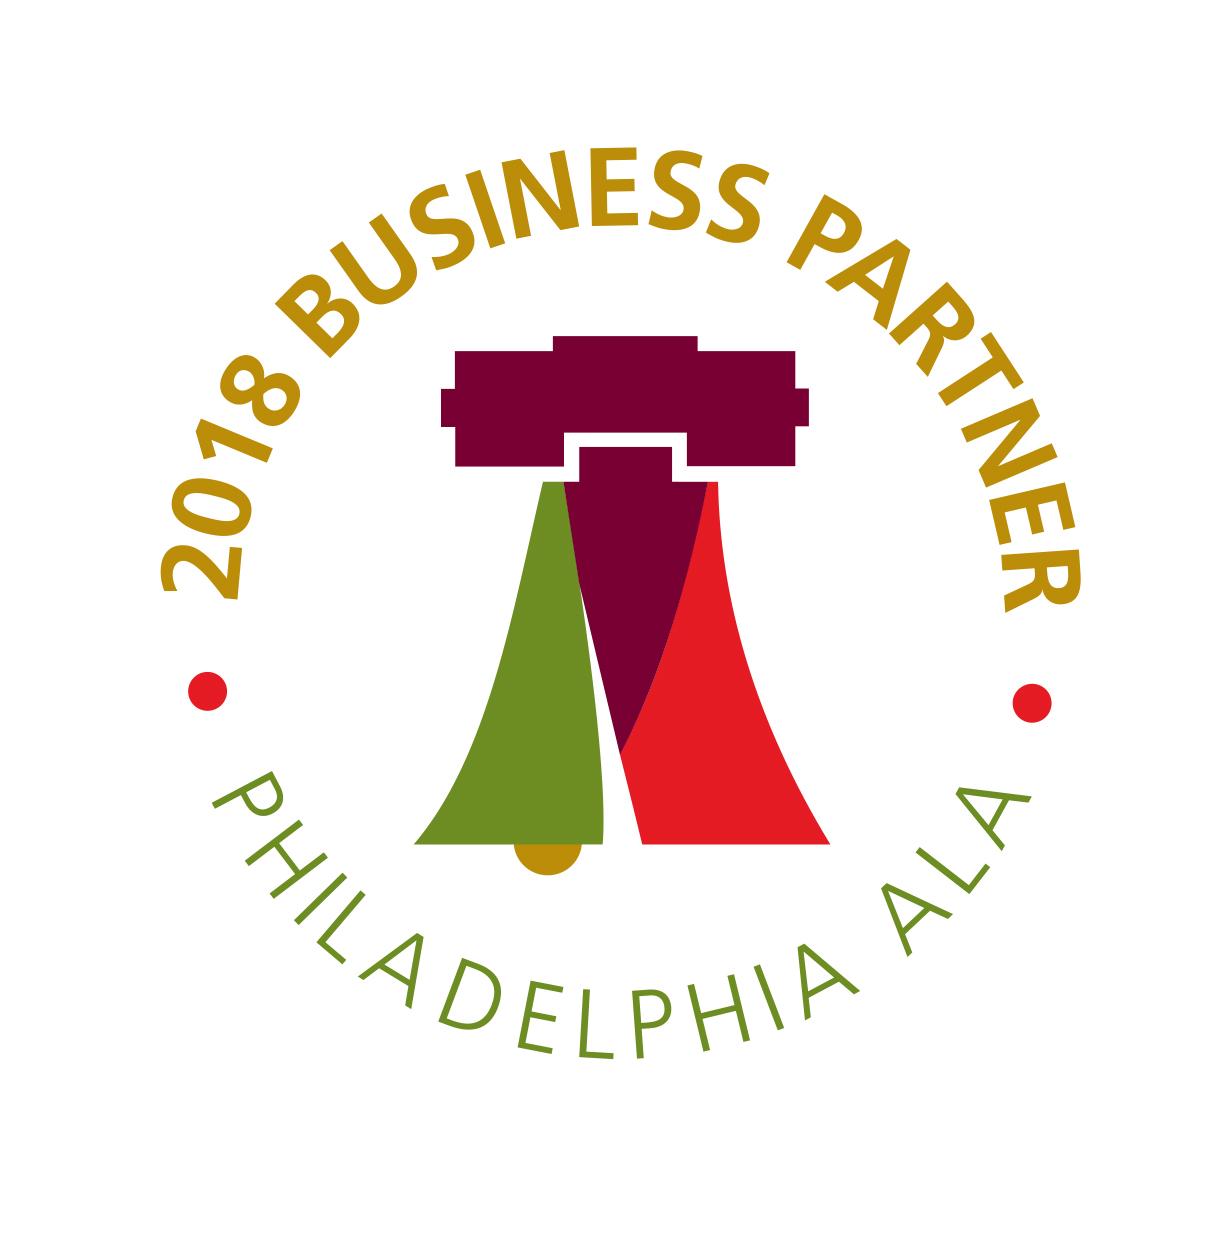 2018 Business Partner Logo